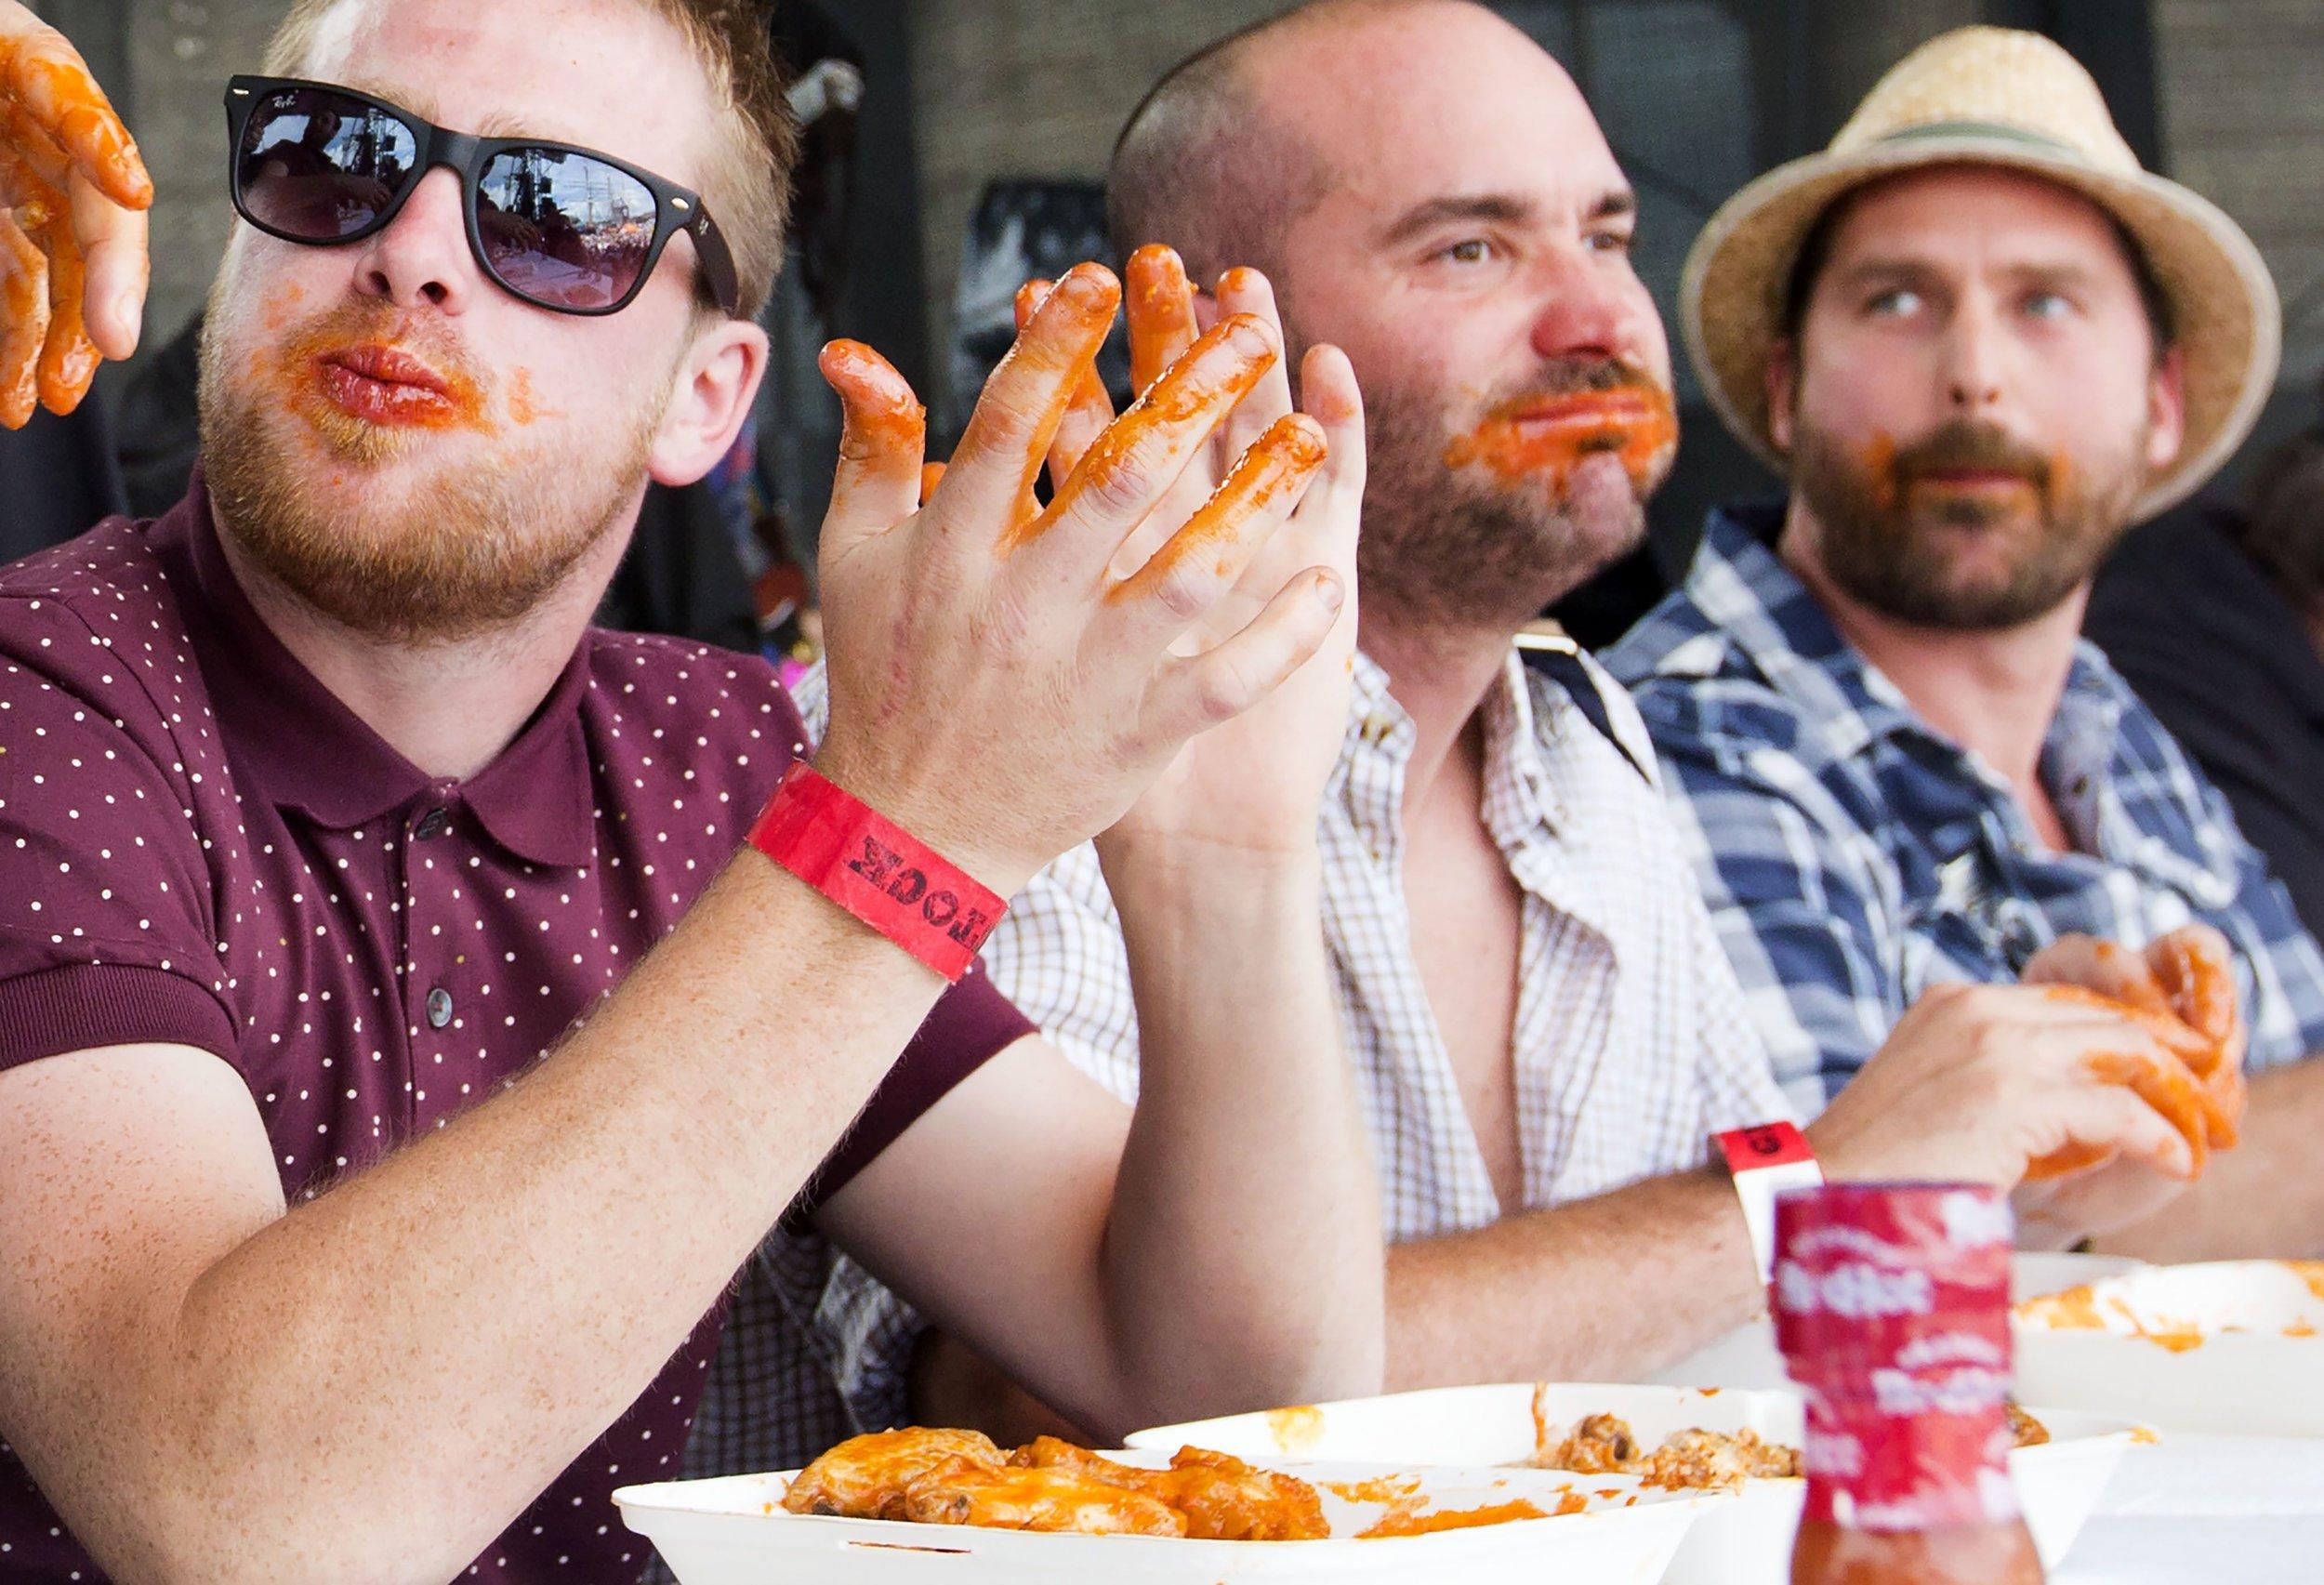 eatinghotwings.jpg